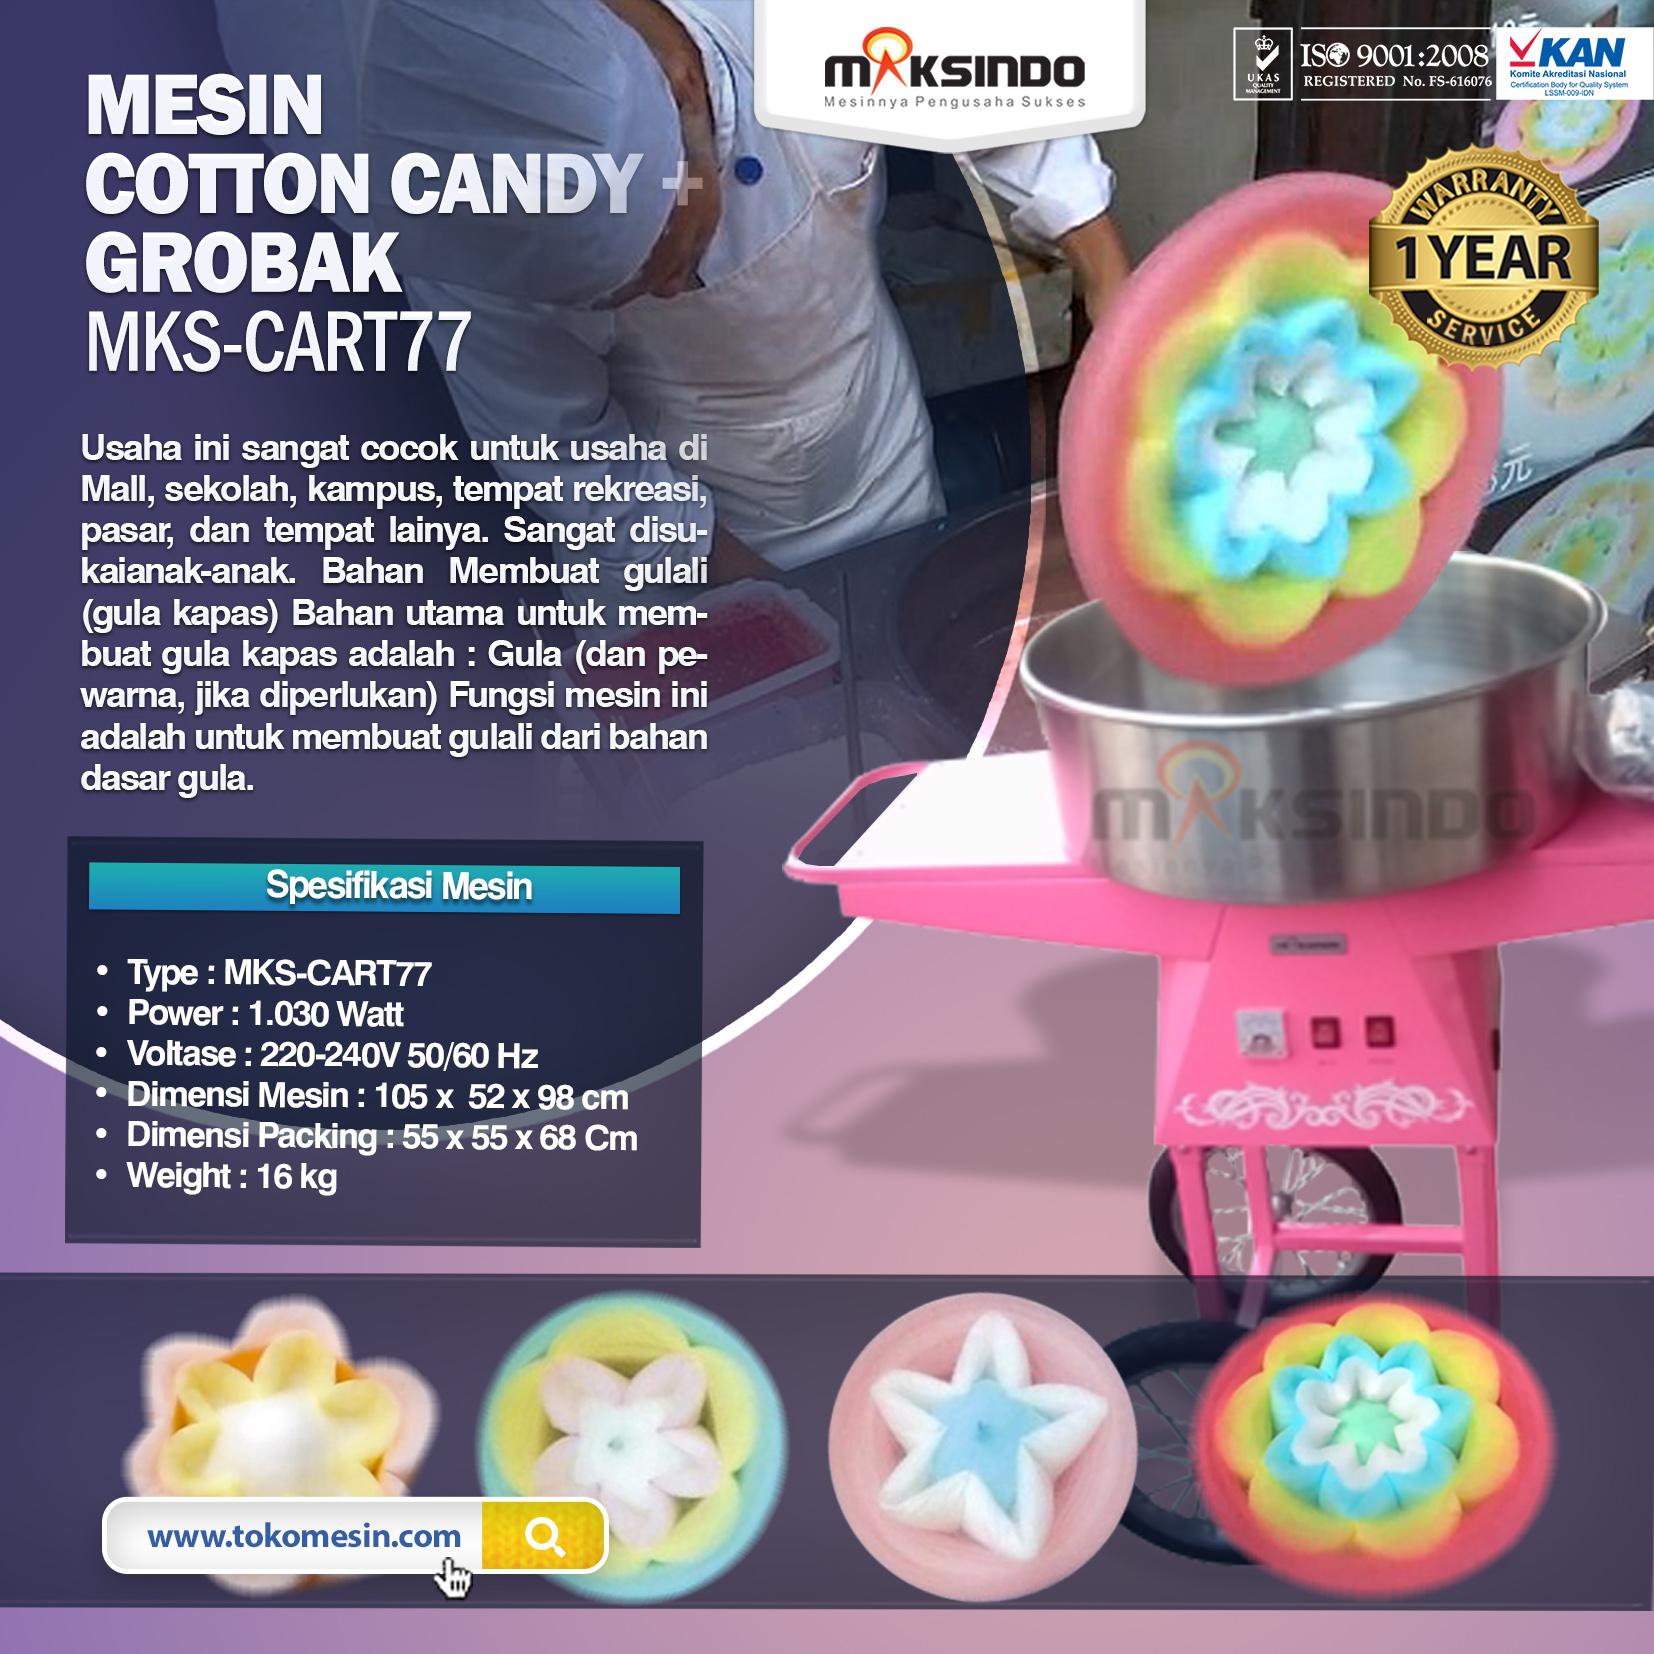 Mesin Cotton Candy + Grobak MKS-CART77